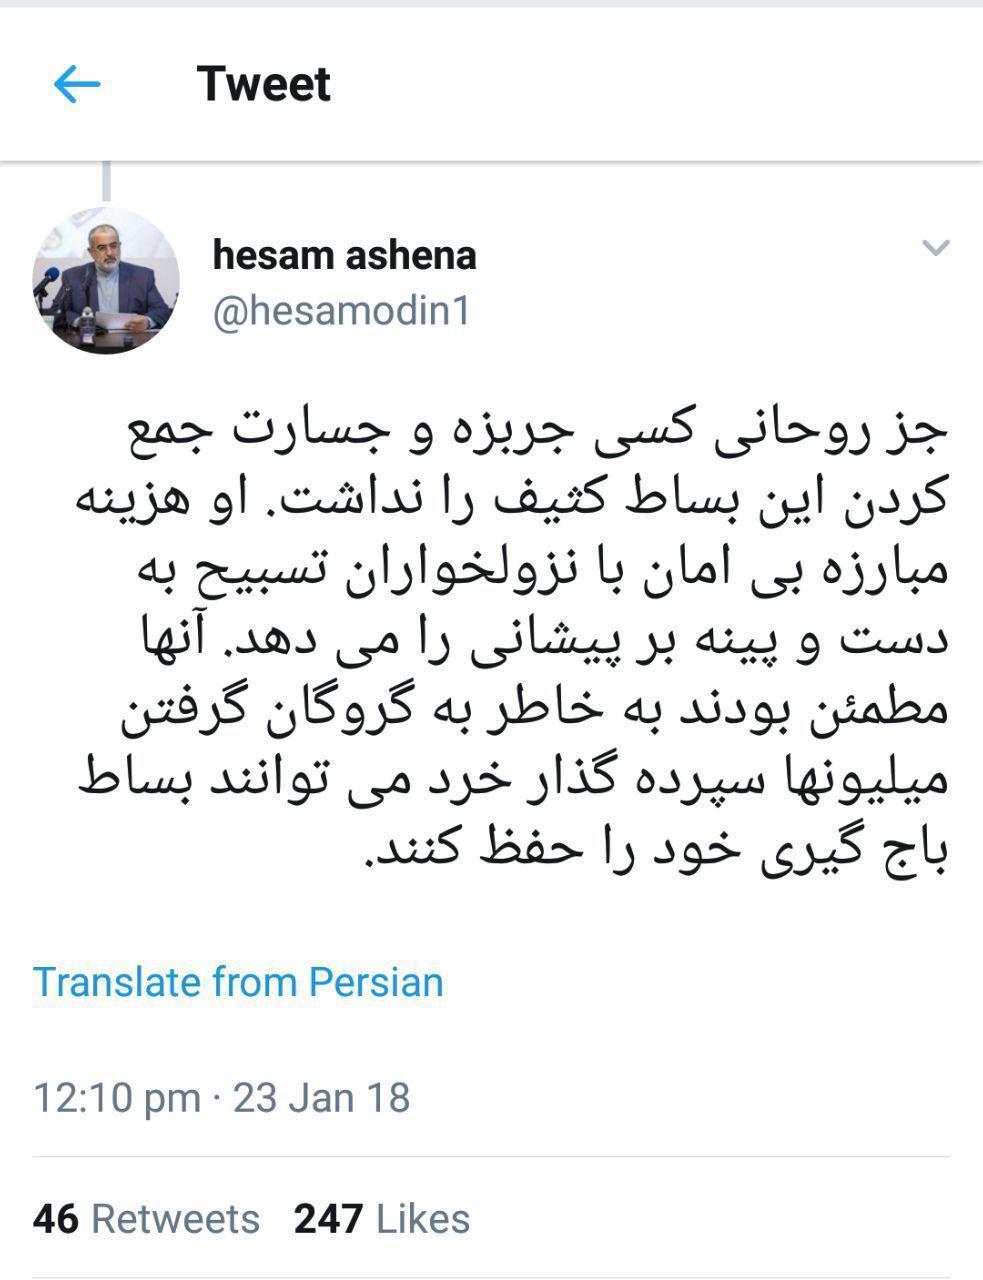 توئیت آشنا درباره موسسات مالی: جز روحانی کسی جسارت جمع کردن این بساط کثیف را نداشت